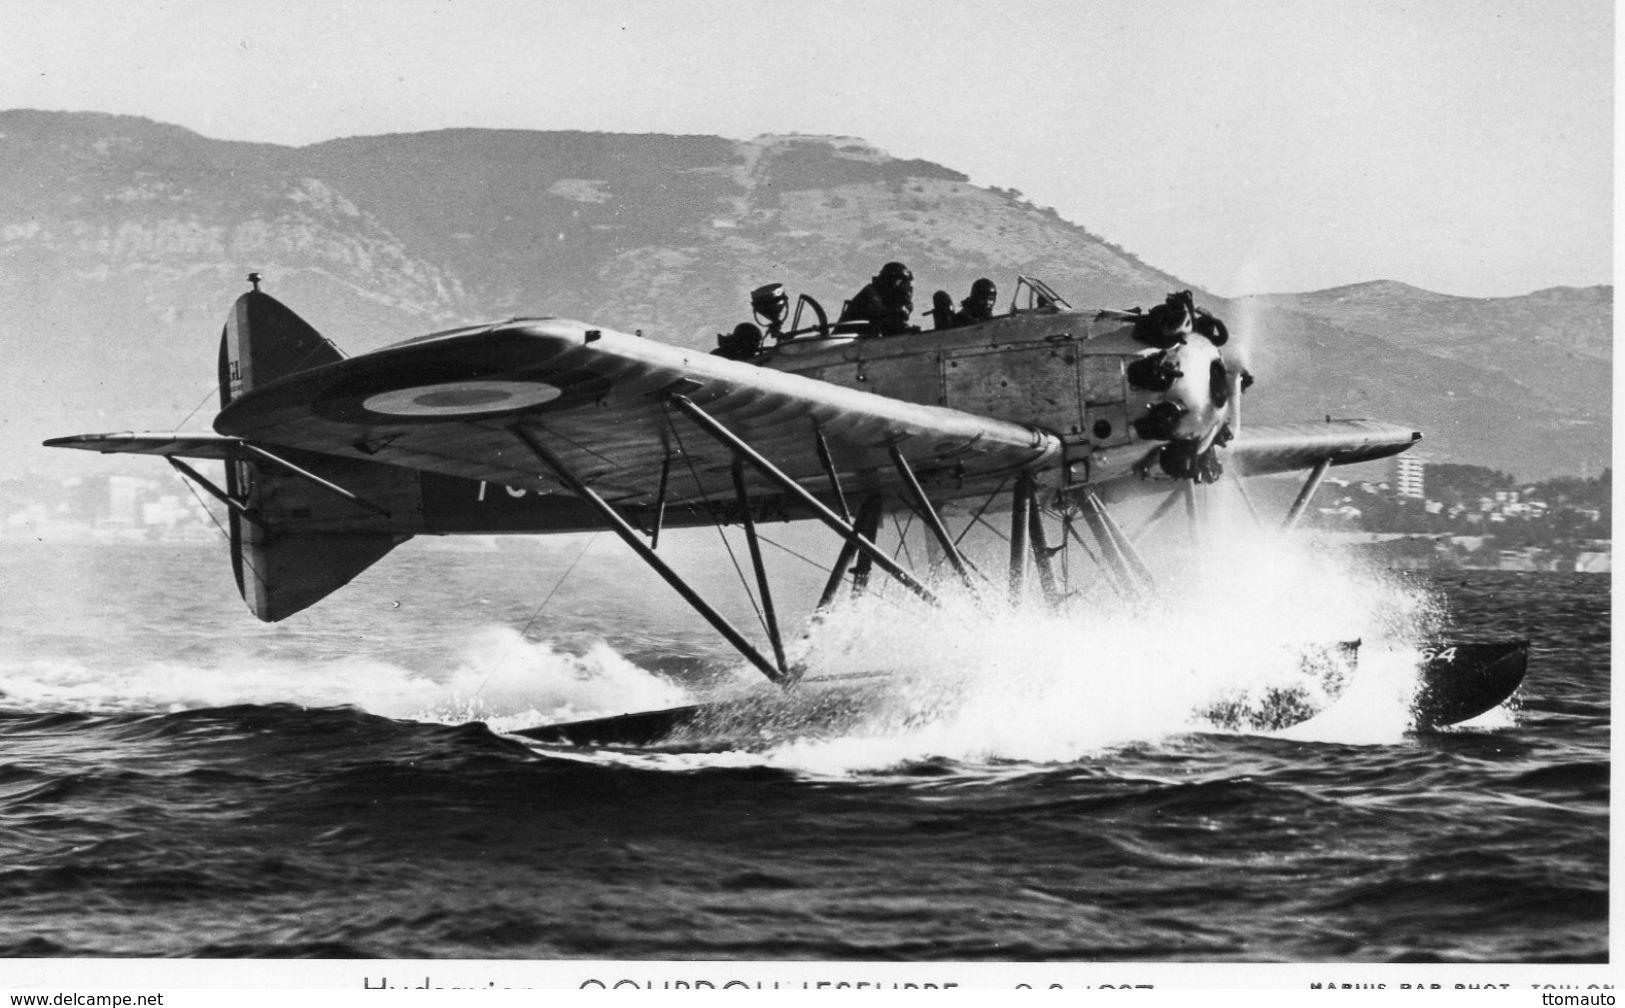 Hydravion  -  Gourdou Leseurre  -  1937  -   Marius Bar Photo Carte  -  CP - 1919-1938: Entre Guerras